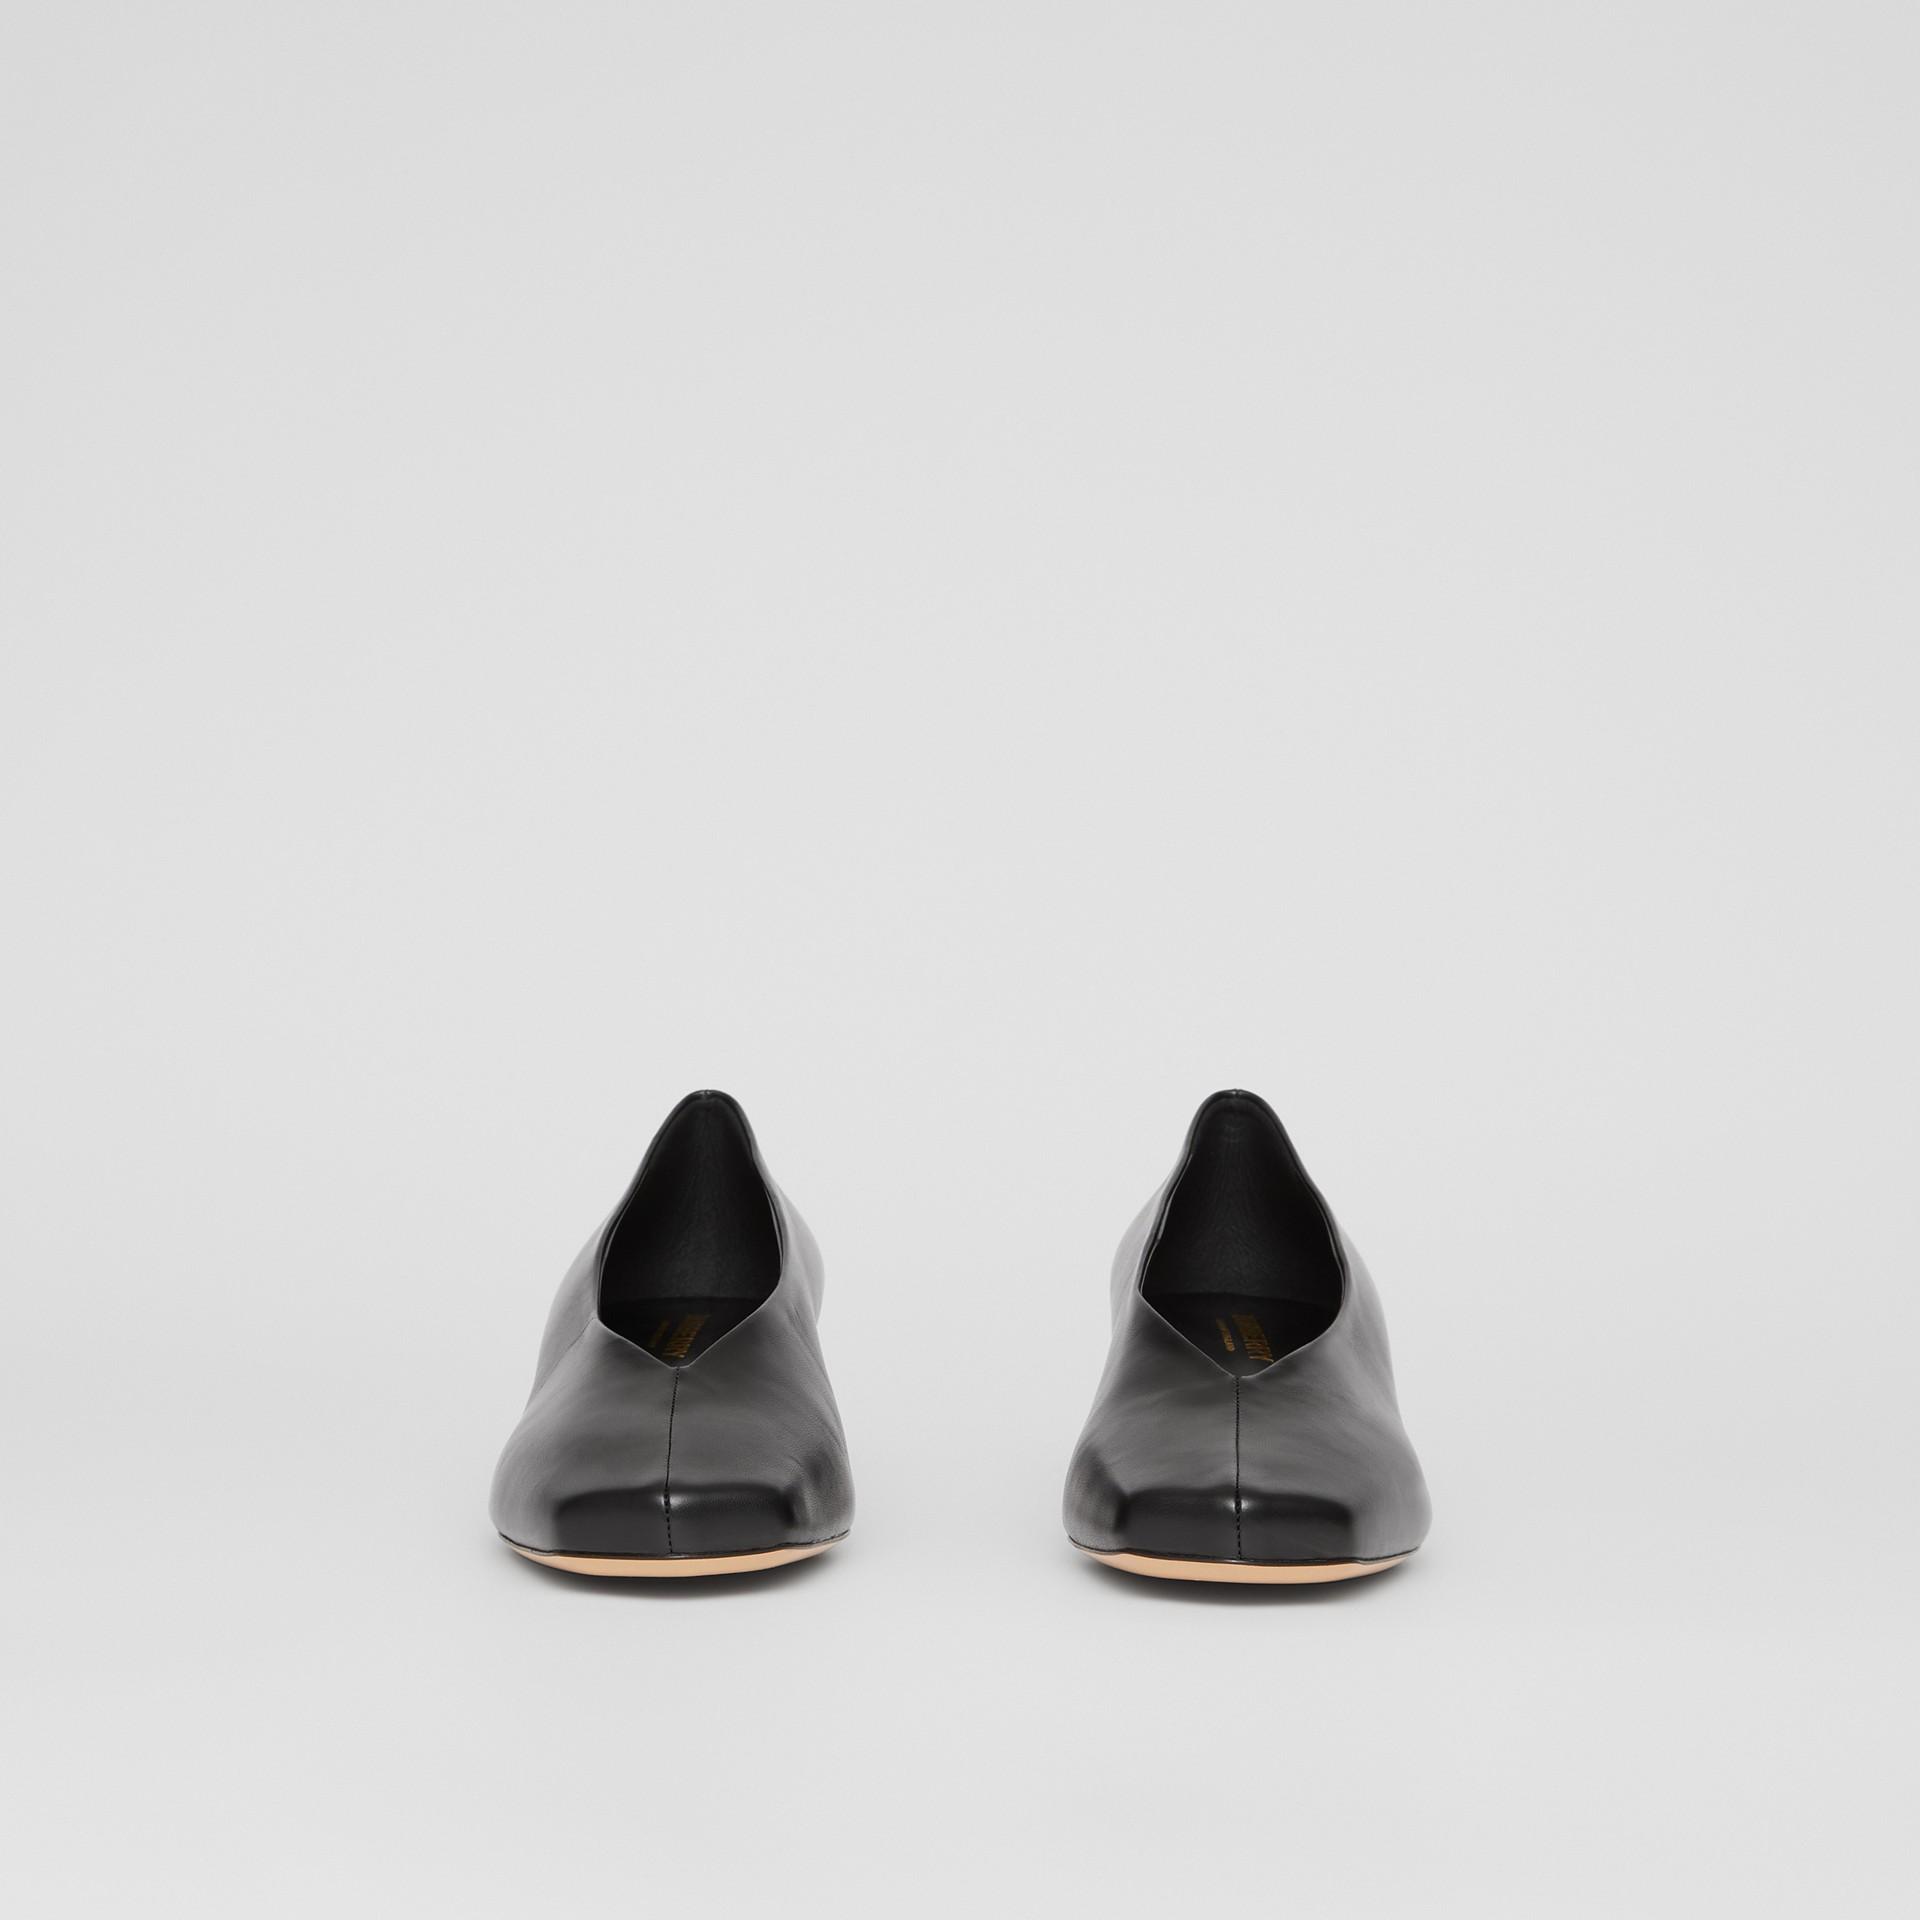 Scarpins de couro de cordeiro com salto kitten (Preto) - Mulheres   Burberry - galeria de imagens 3